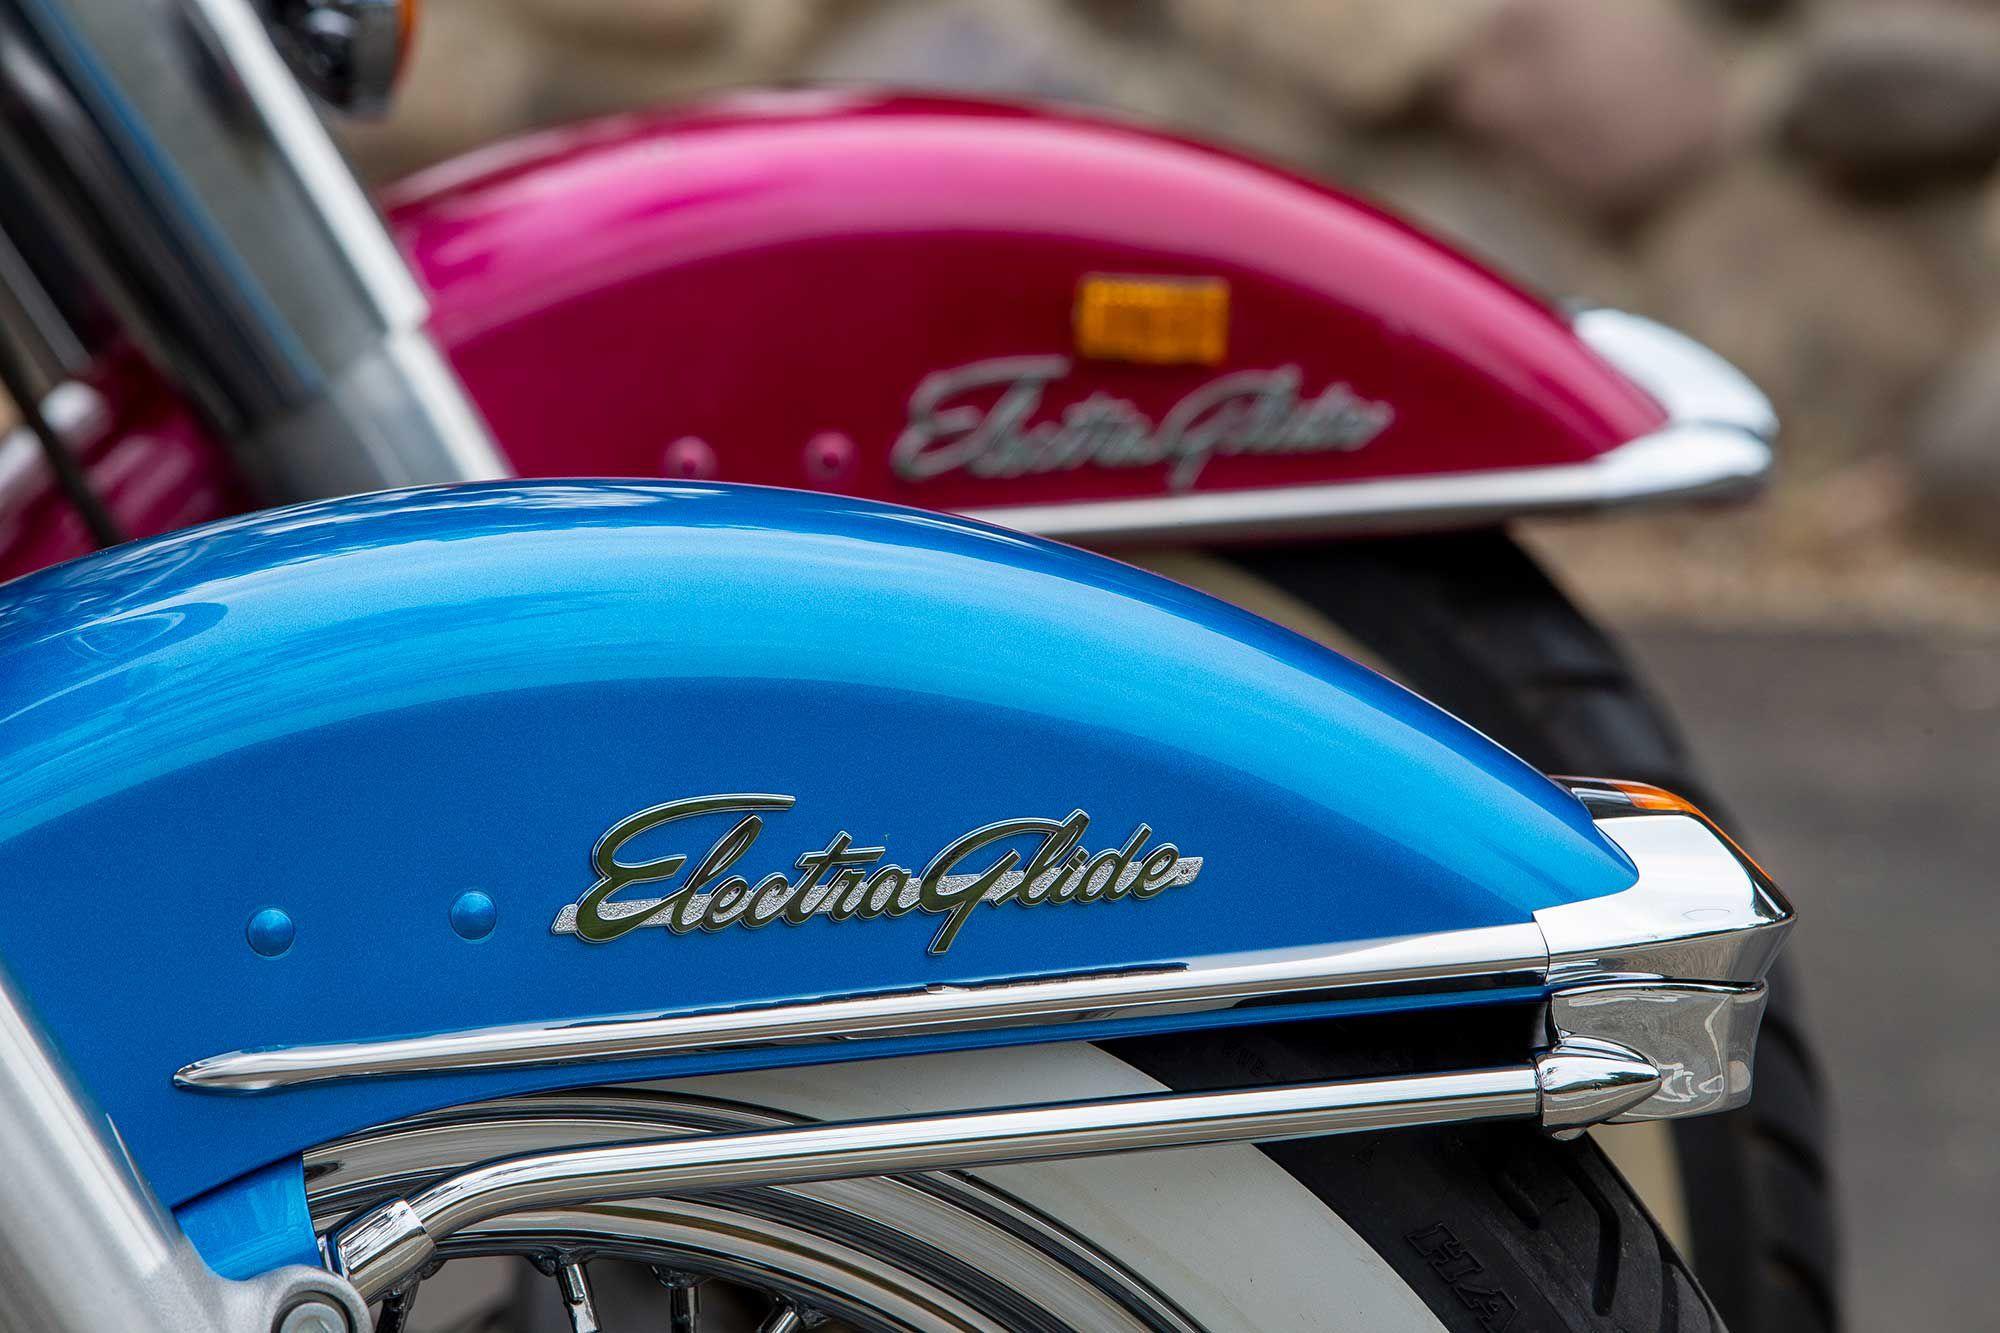 Het klassieke Electra Glide-insigne siert de voorkuip van de Revival en de FLH erachter.